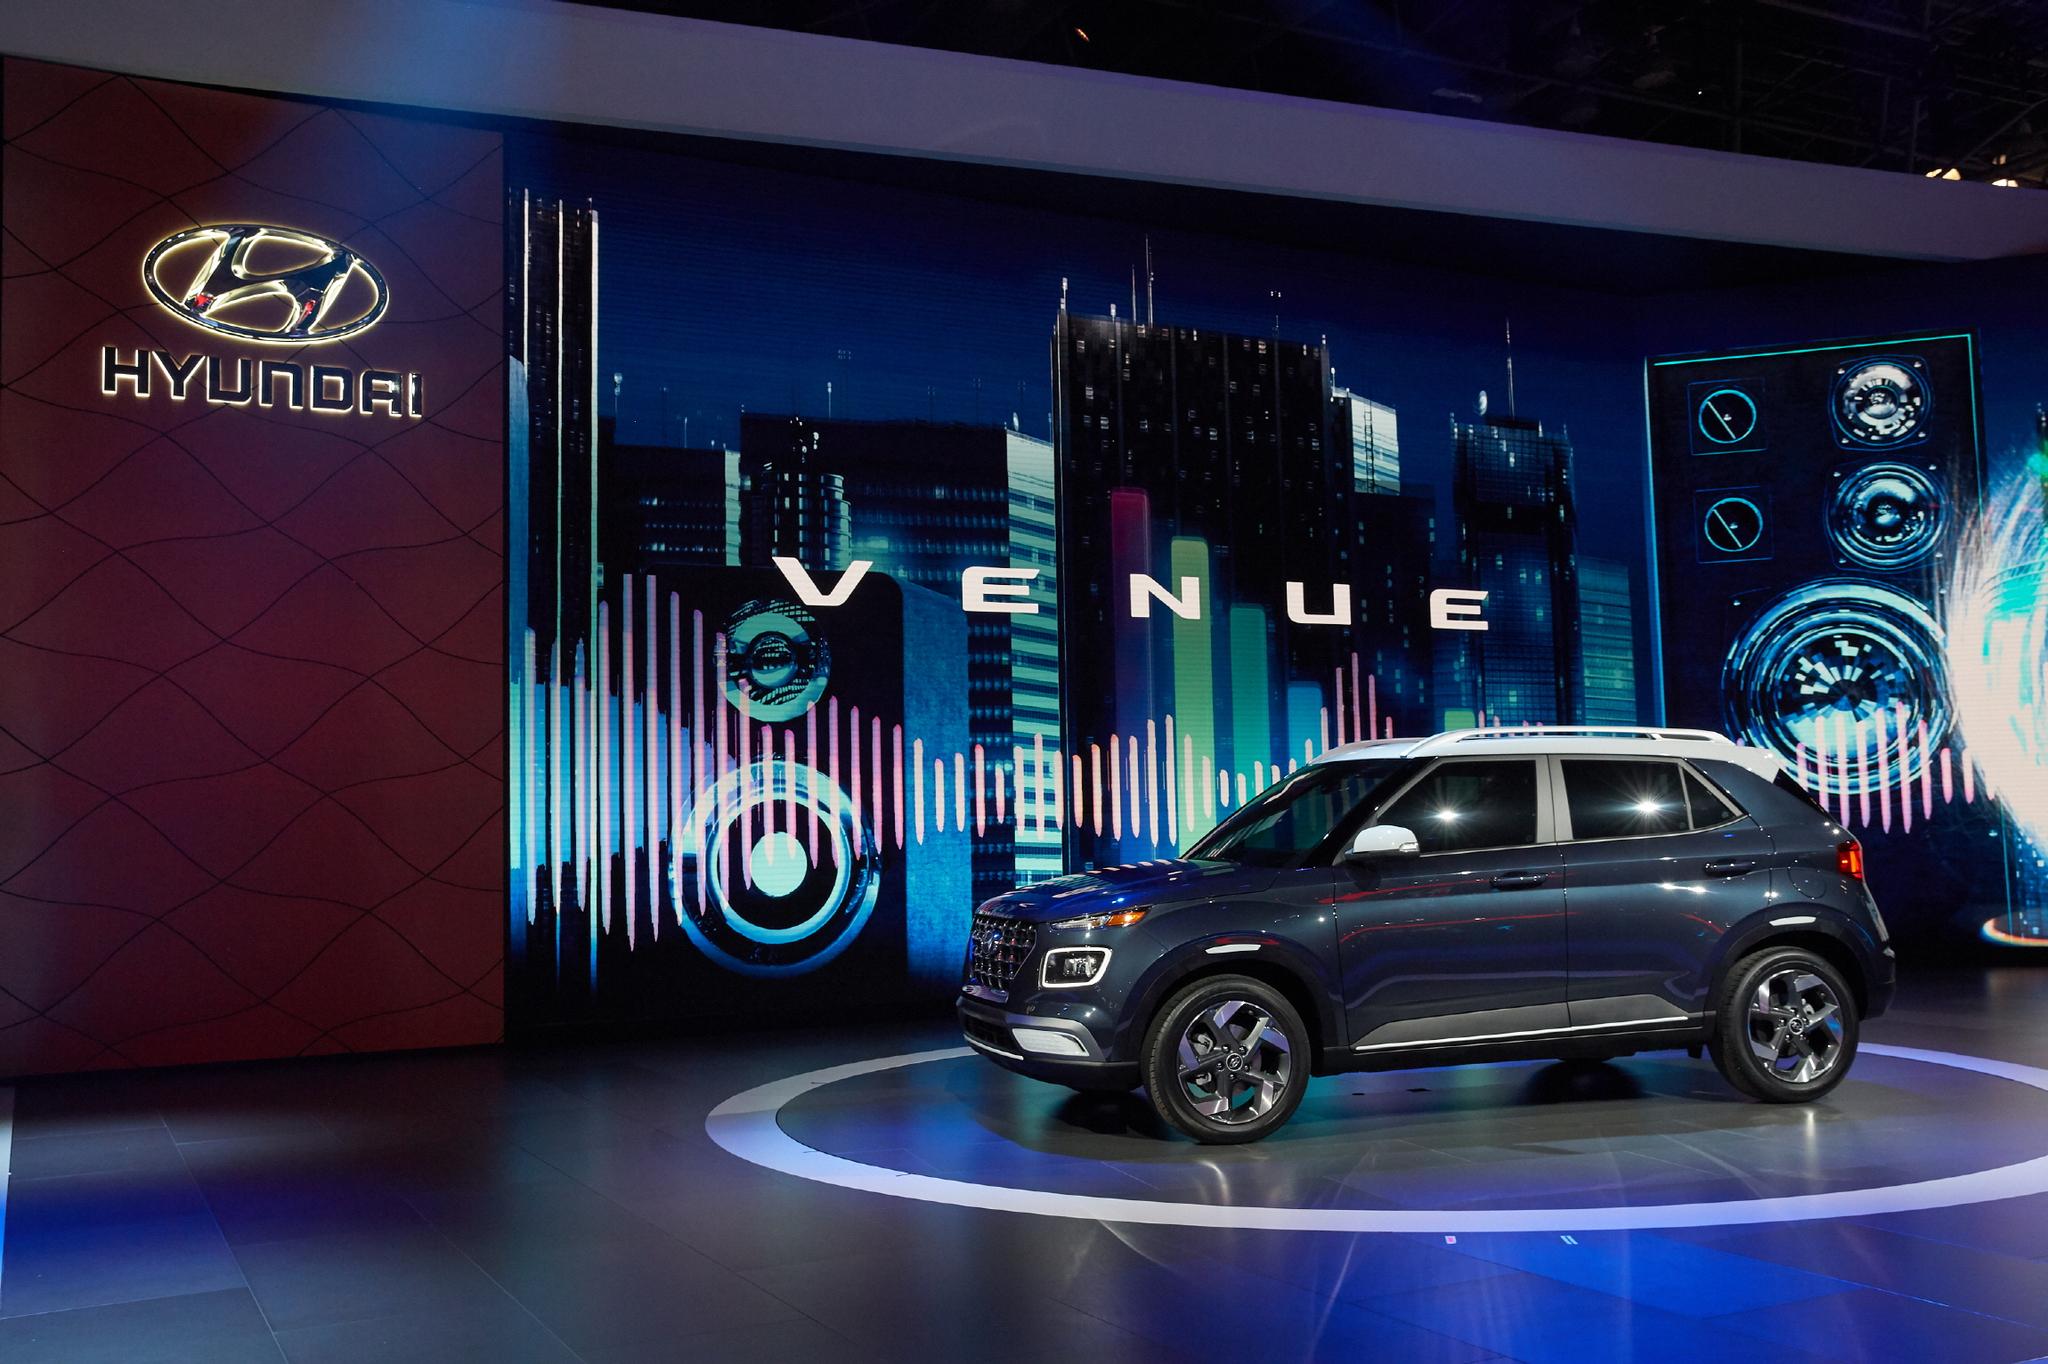 베뉴는 현대차가 선보이는 글로벌 소형 SUV다. 현대차 SUV의 패밀리룩을 따르면서도 밀레니얼 세대의 취향에 맞춘 디자인과 편의성이 특징이다. [사진 현대자동차]